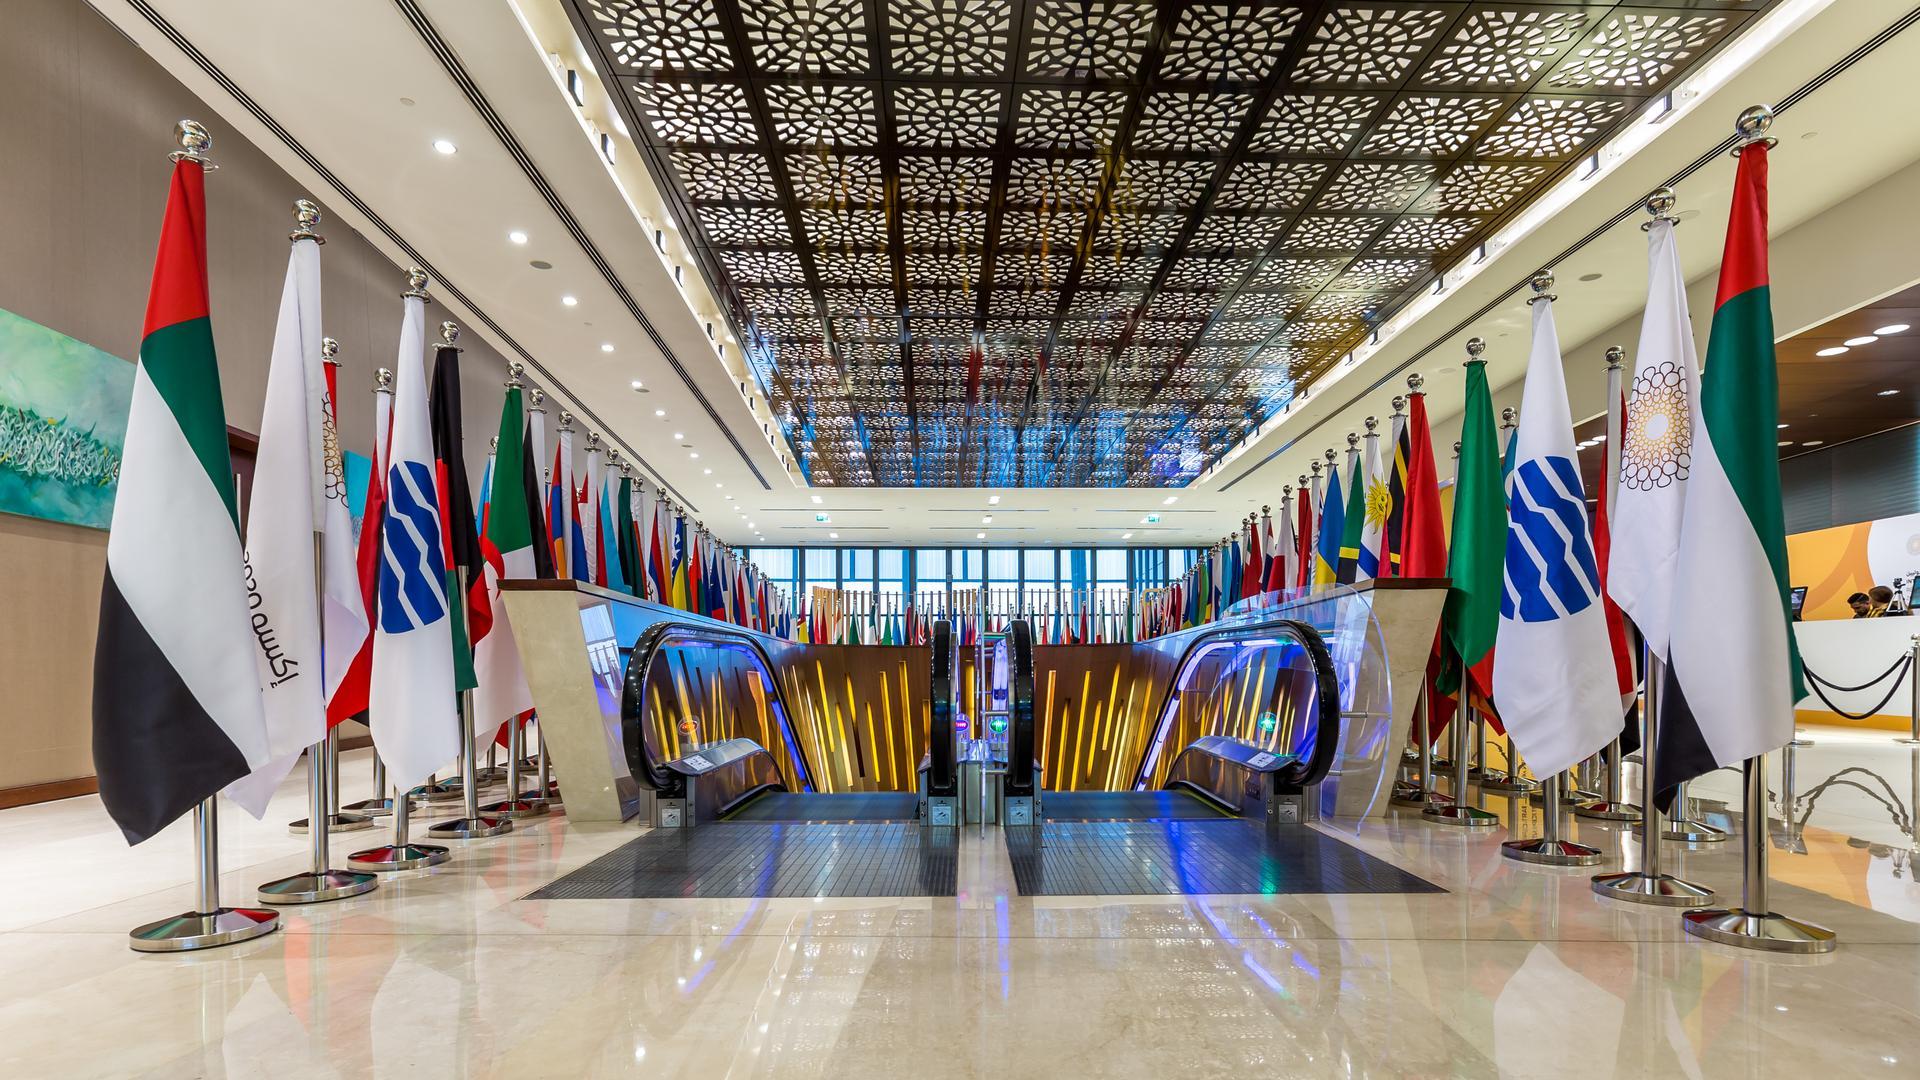 Neumann&Müller Event Technology LLC - EXPO 2020 International Participants Meeting